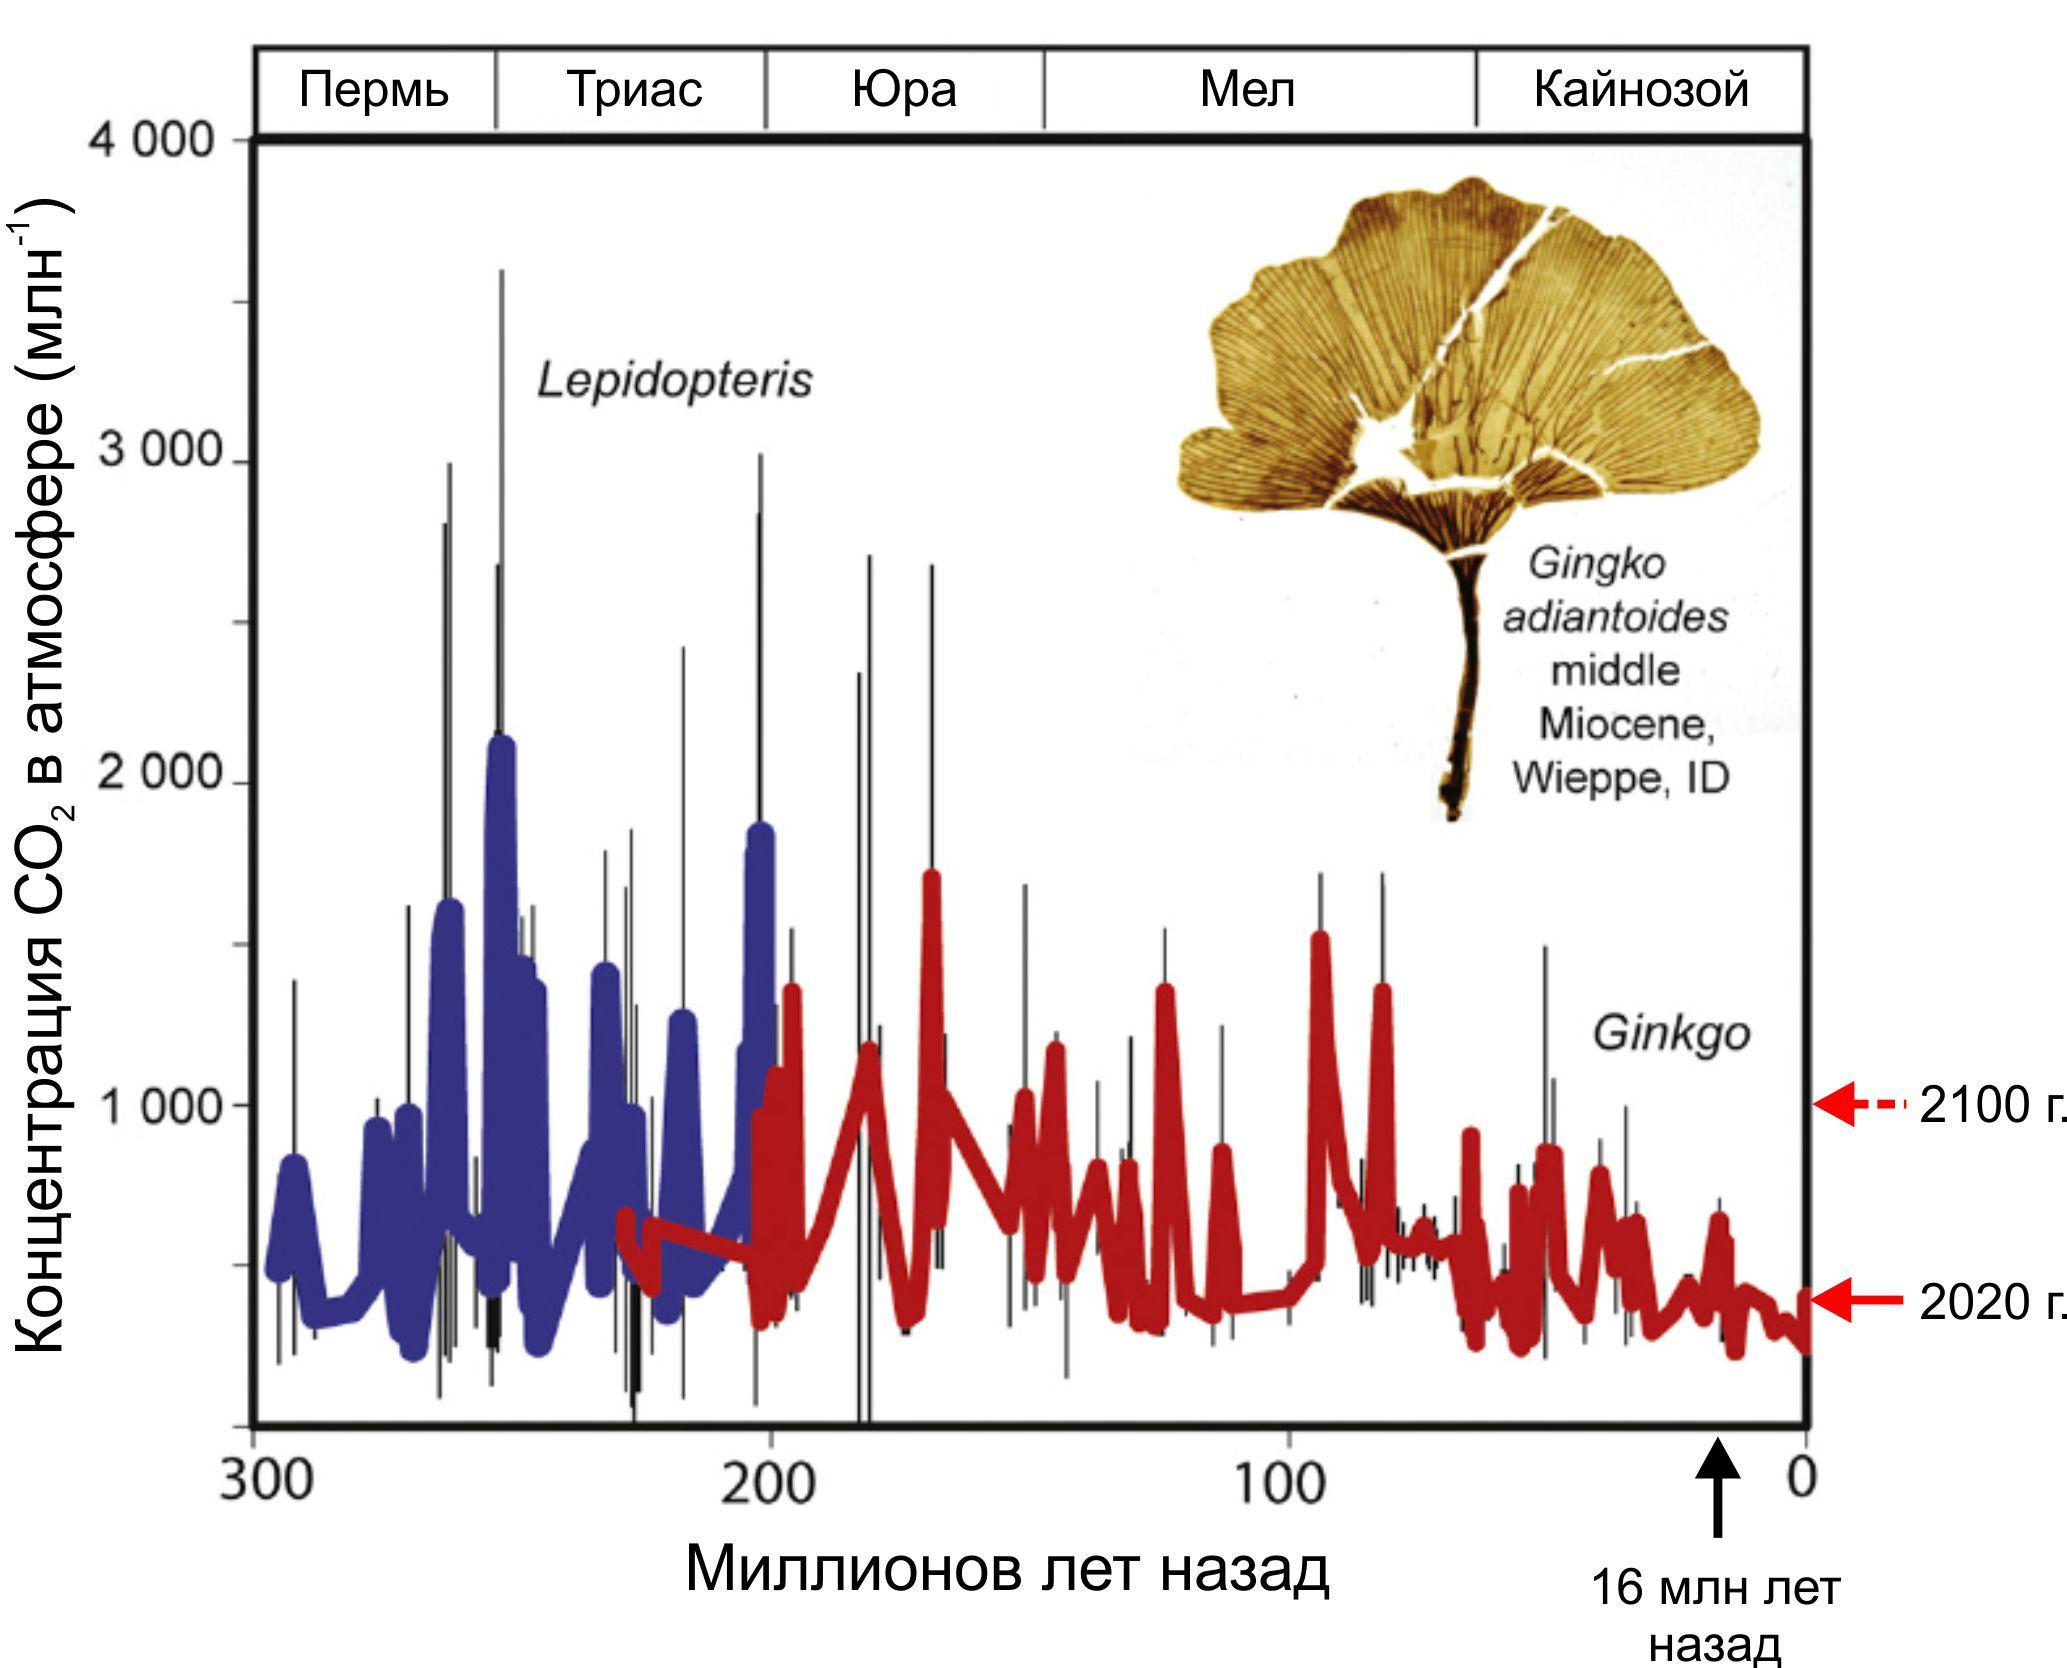 Изменения концентраций CO2 в атмосфере Земли за последние 300 млн лет, оцененные по устьичному индексу листьев гинкговых (Ginkgo) и вымерших семенных папоротников (Lepidopteris)